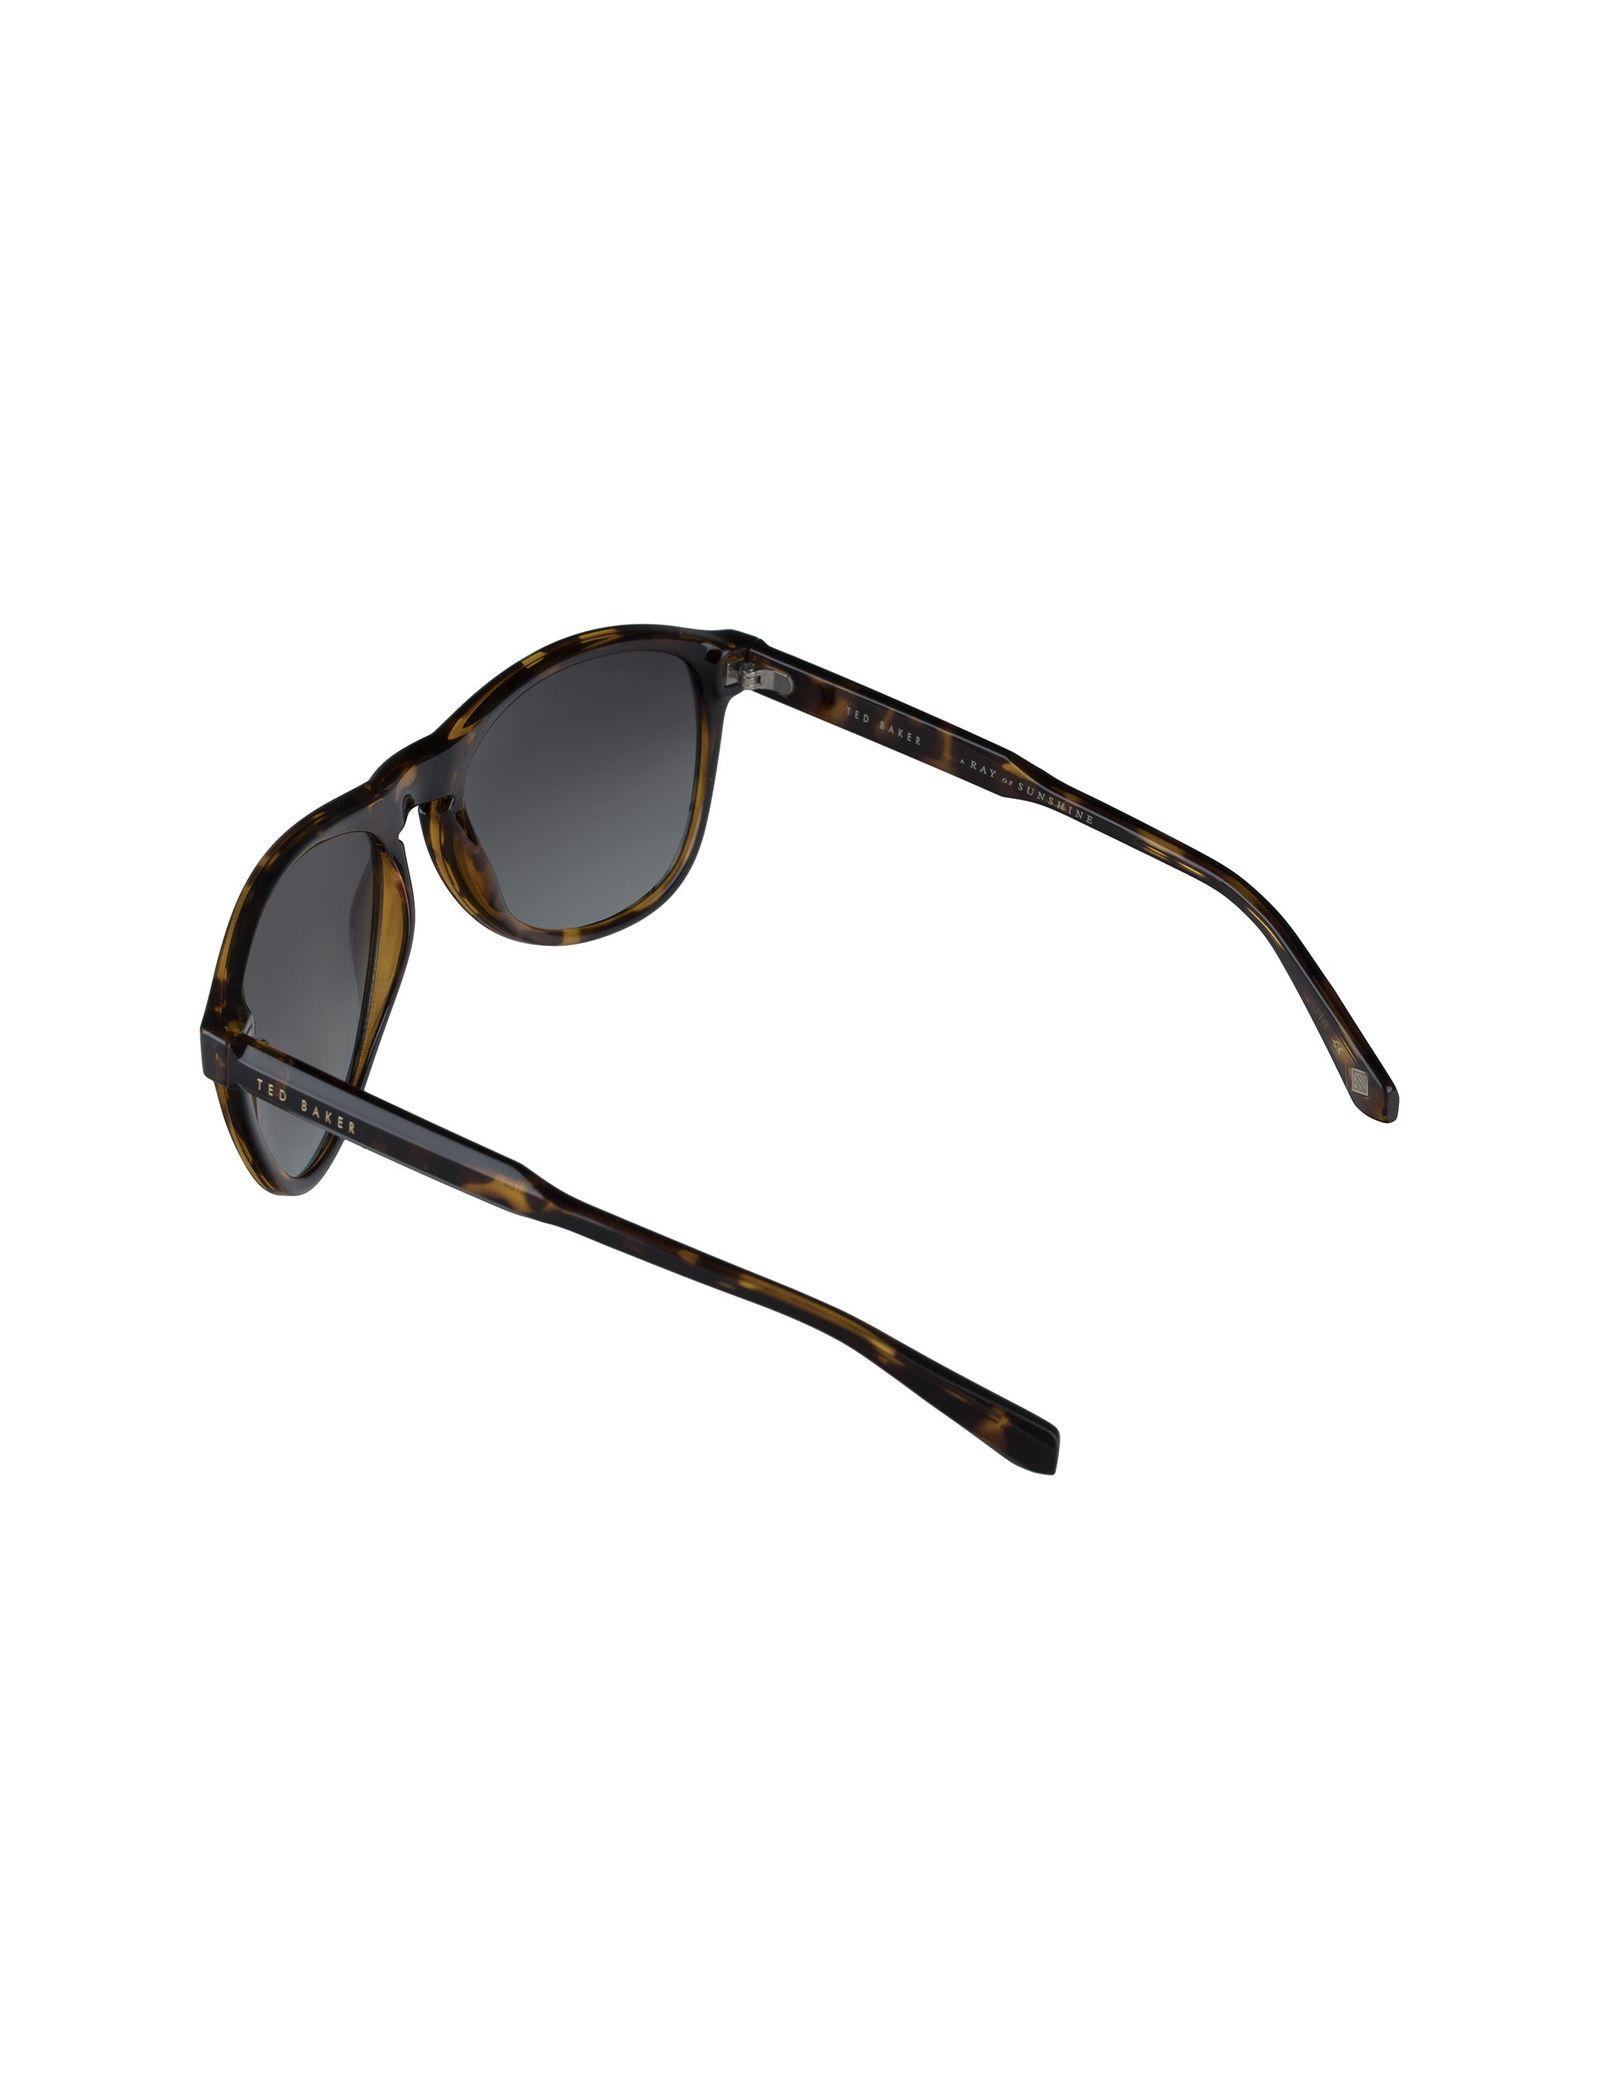 عینک آفتابی خلبانی زنانه - تد بیکر - قهوه اي لاک پشتي - 6